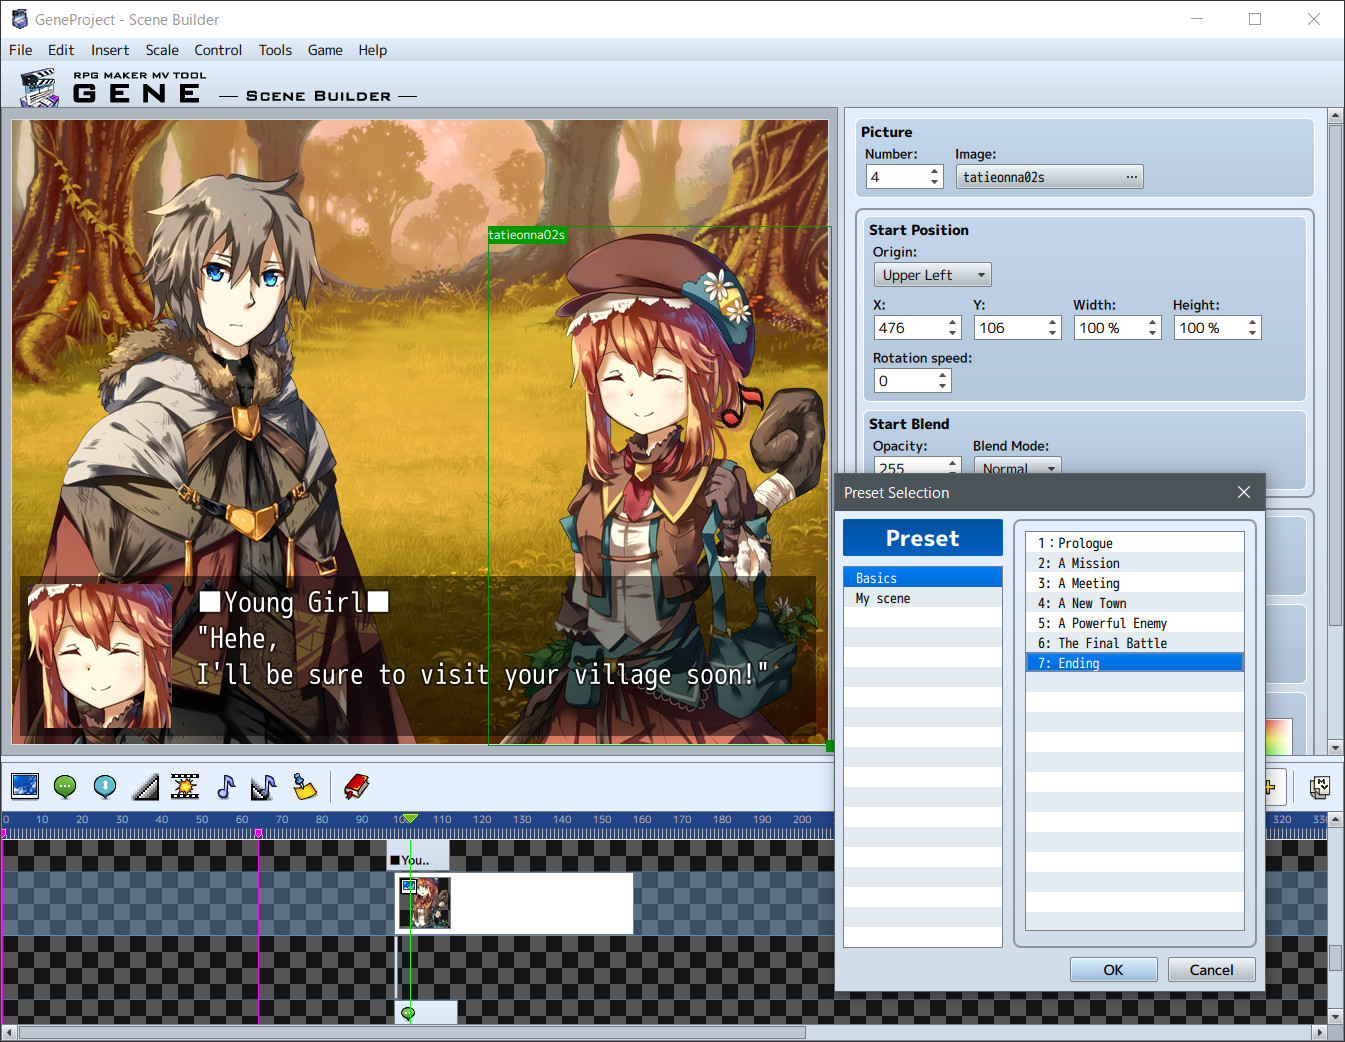 RPG Maker MV - GENE